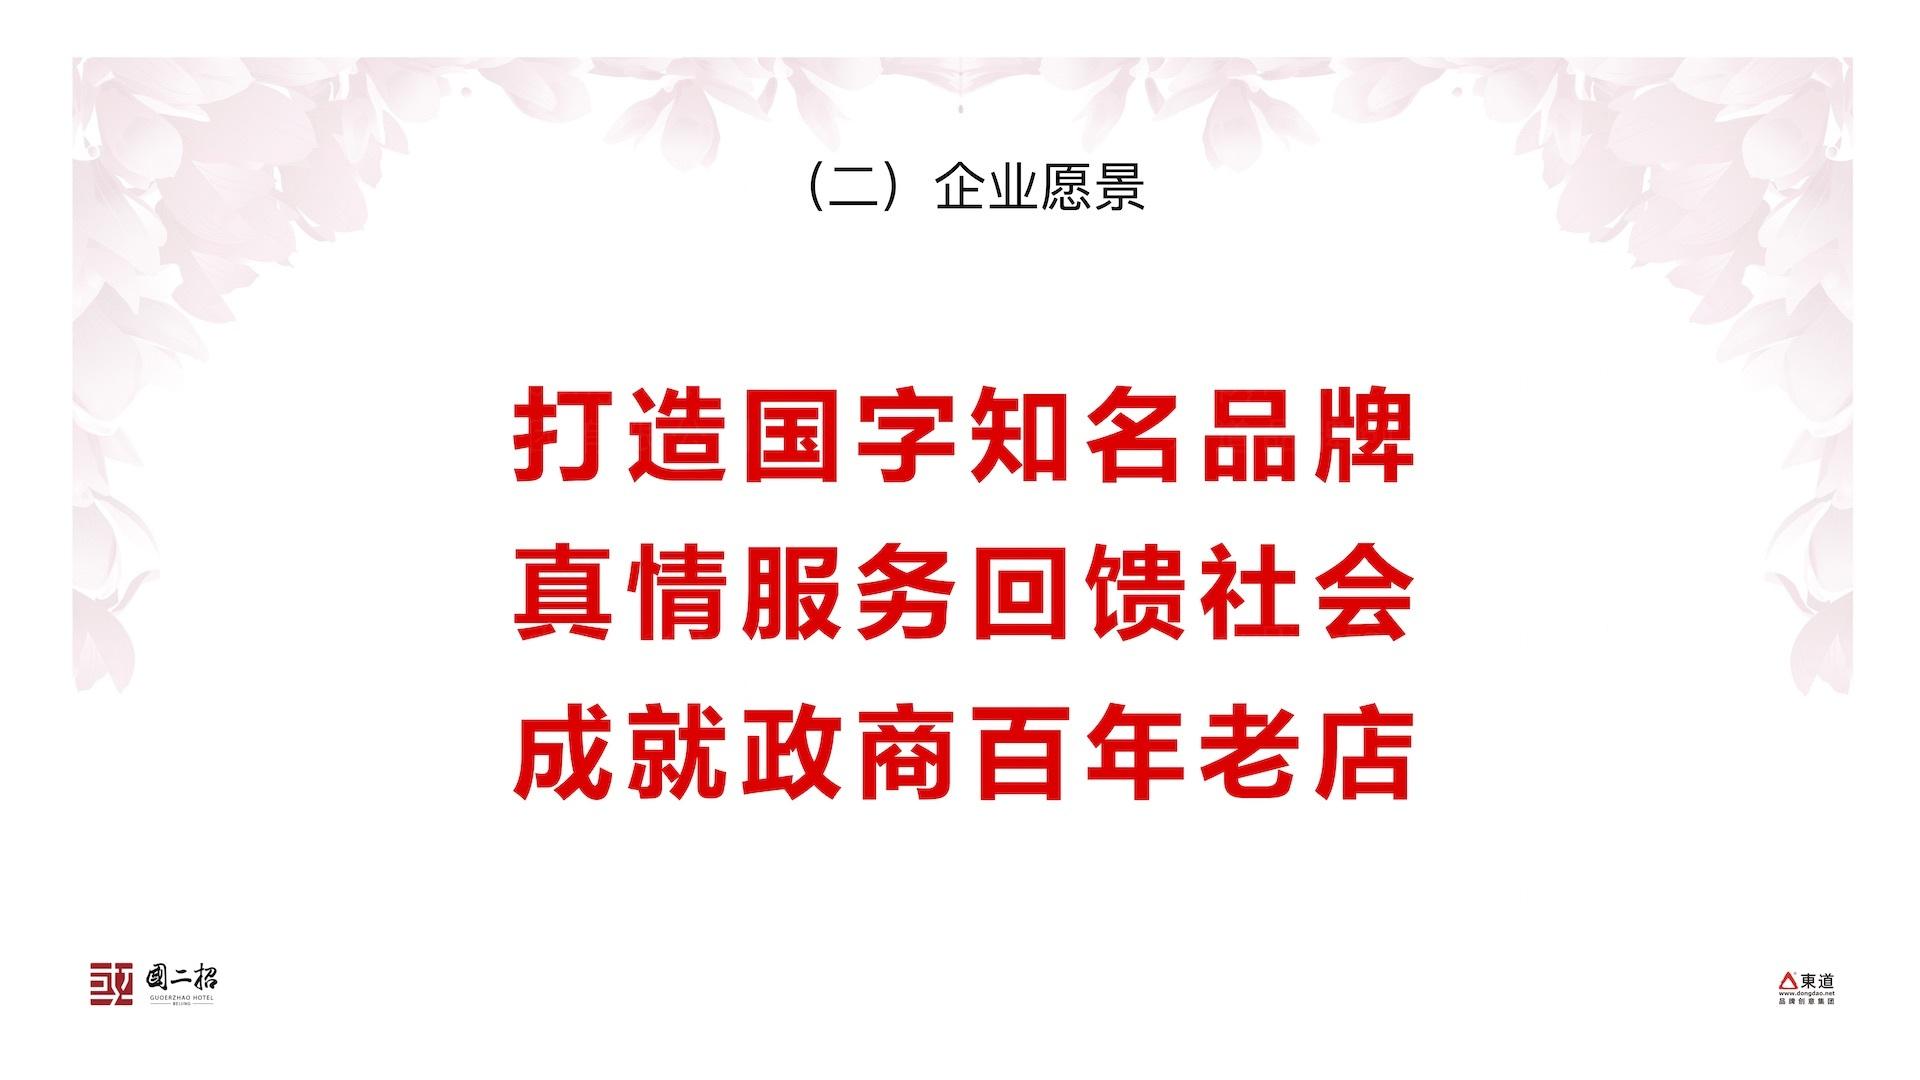 品牌战略&企业文化国二招企业文化体系方案应用场景_4